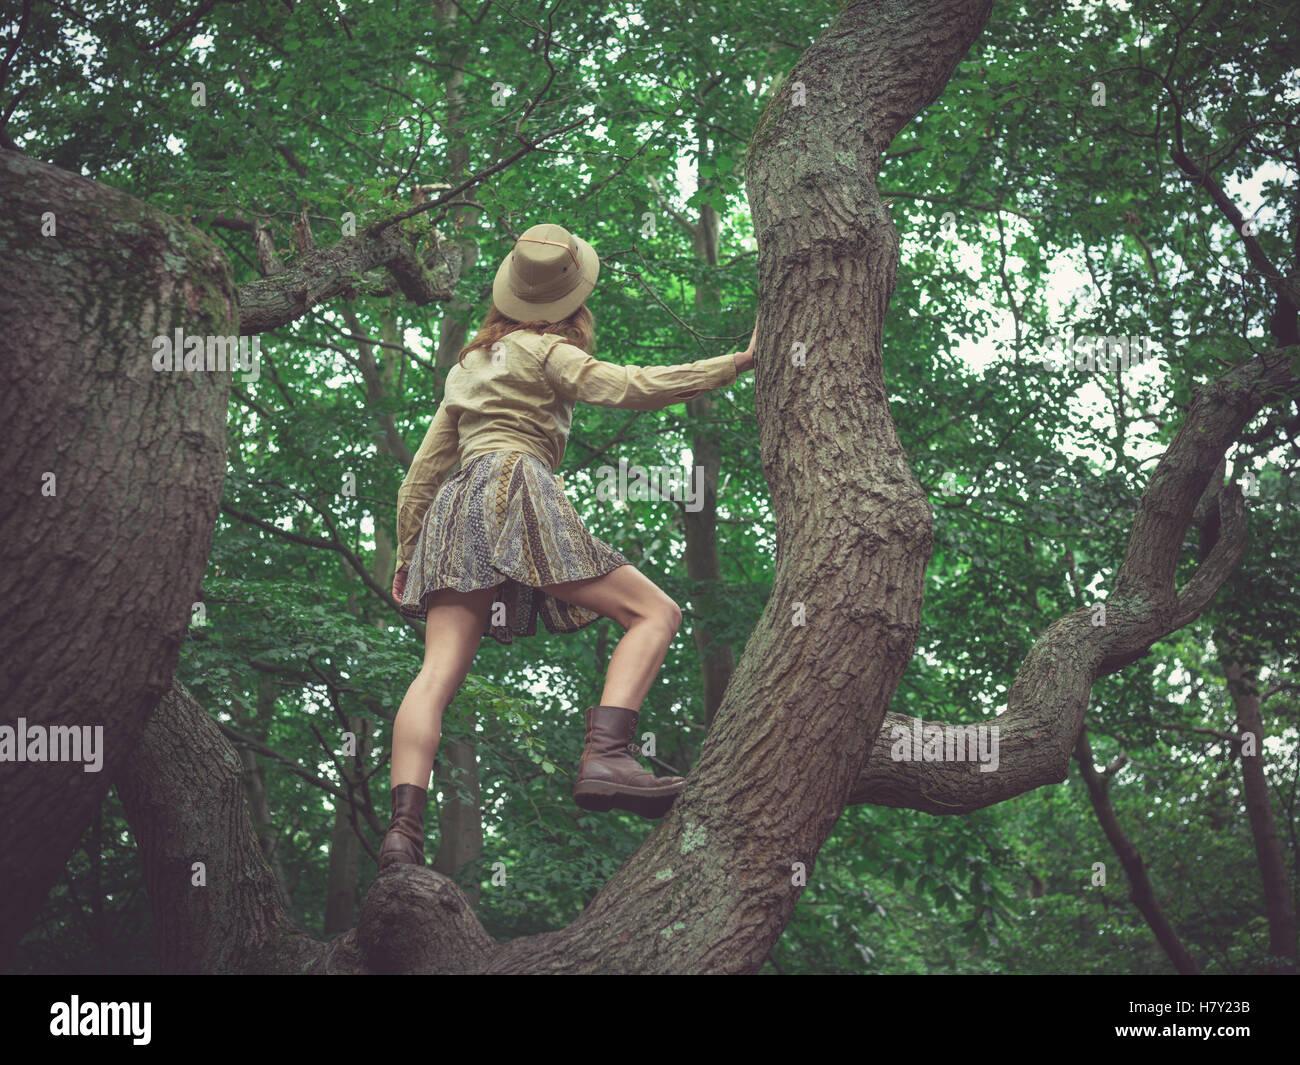 Una joven mujer vistiendo un sombrero de safari está subiendo un árbol en el bosque Imagen De Stock